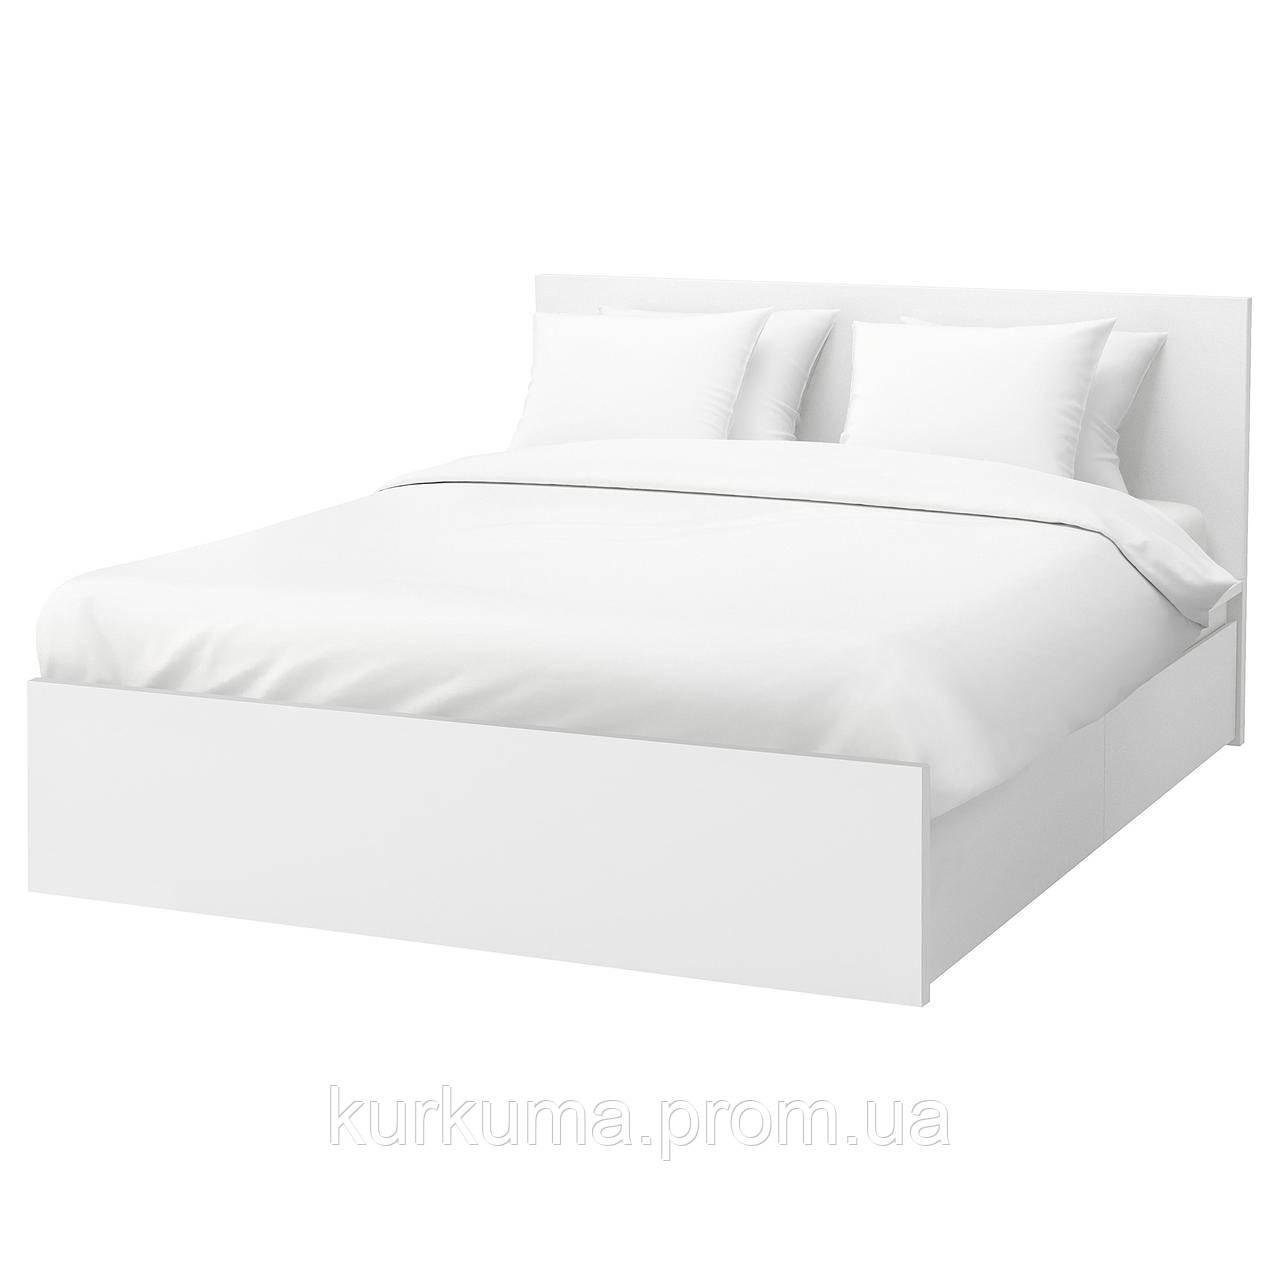 IKEA MALM Кровать высокая, 2 ящика, белый, Лонсет  (491.760.74)